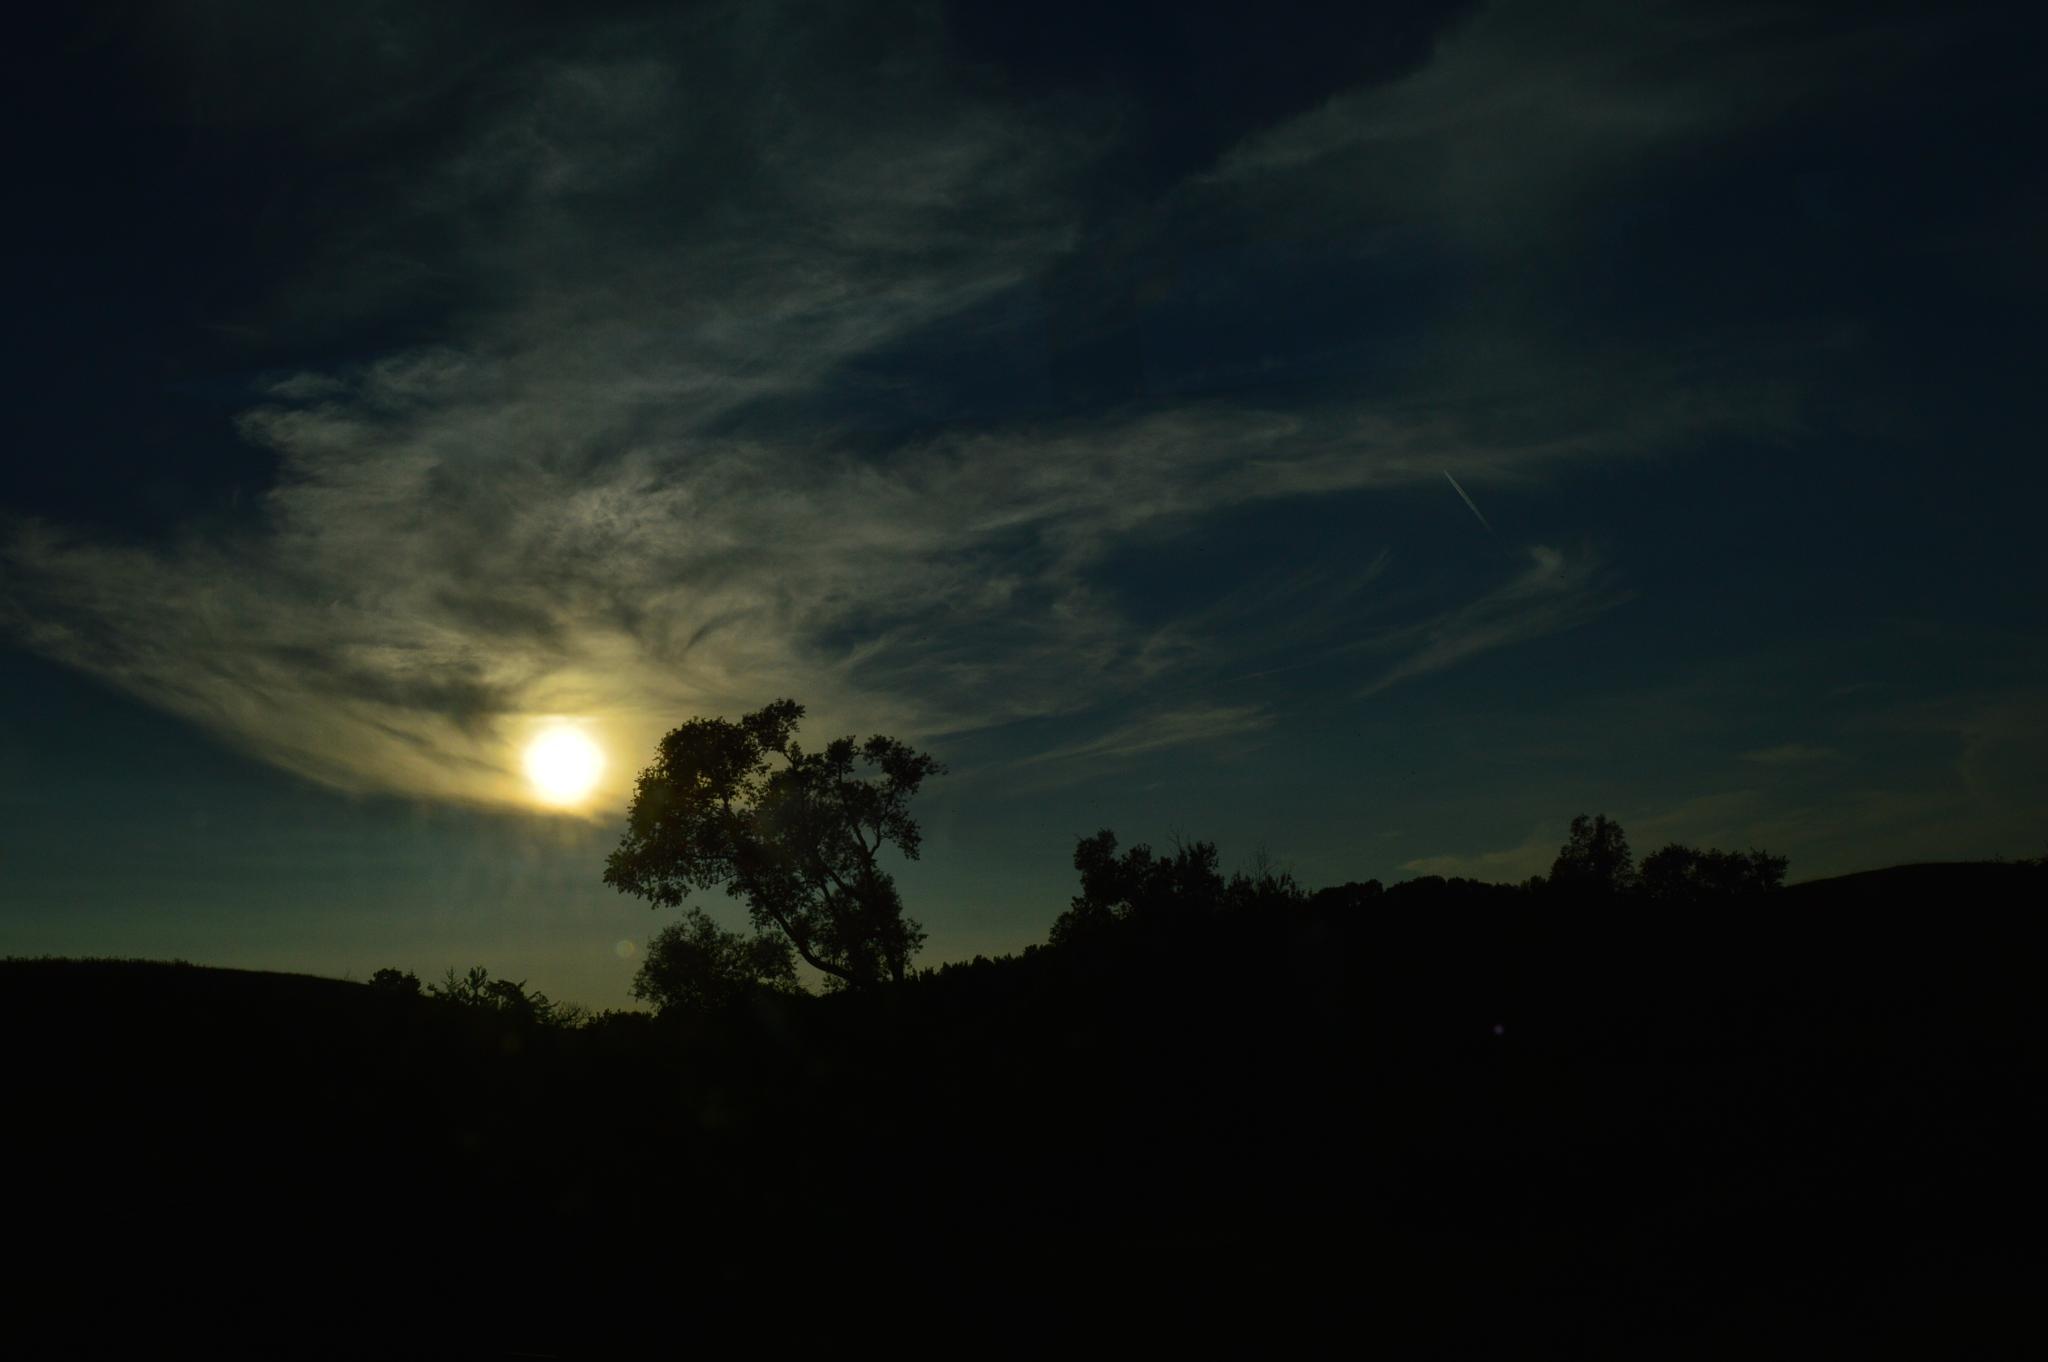 Sunset by Sudershan Lohana